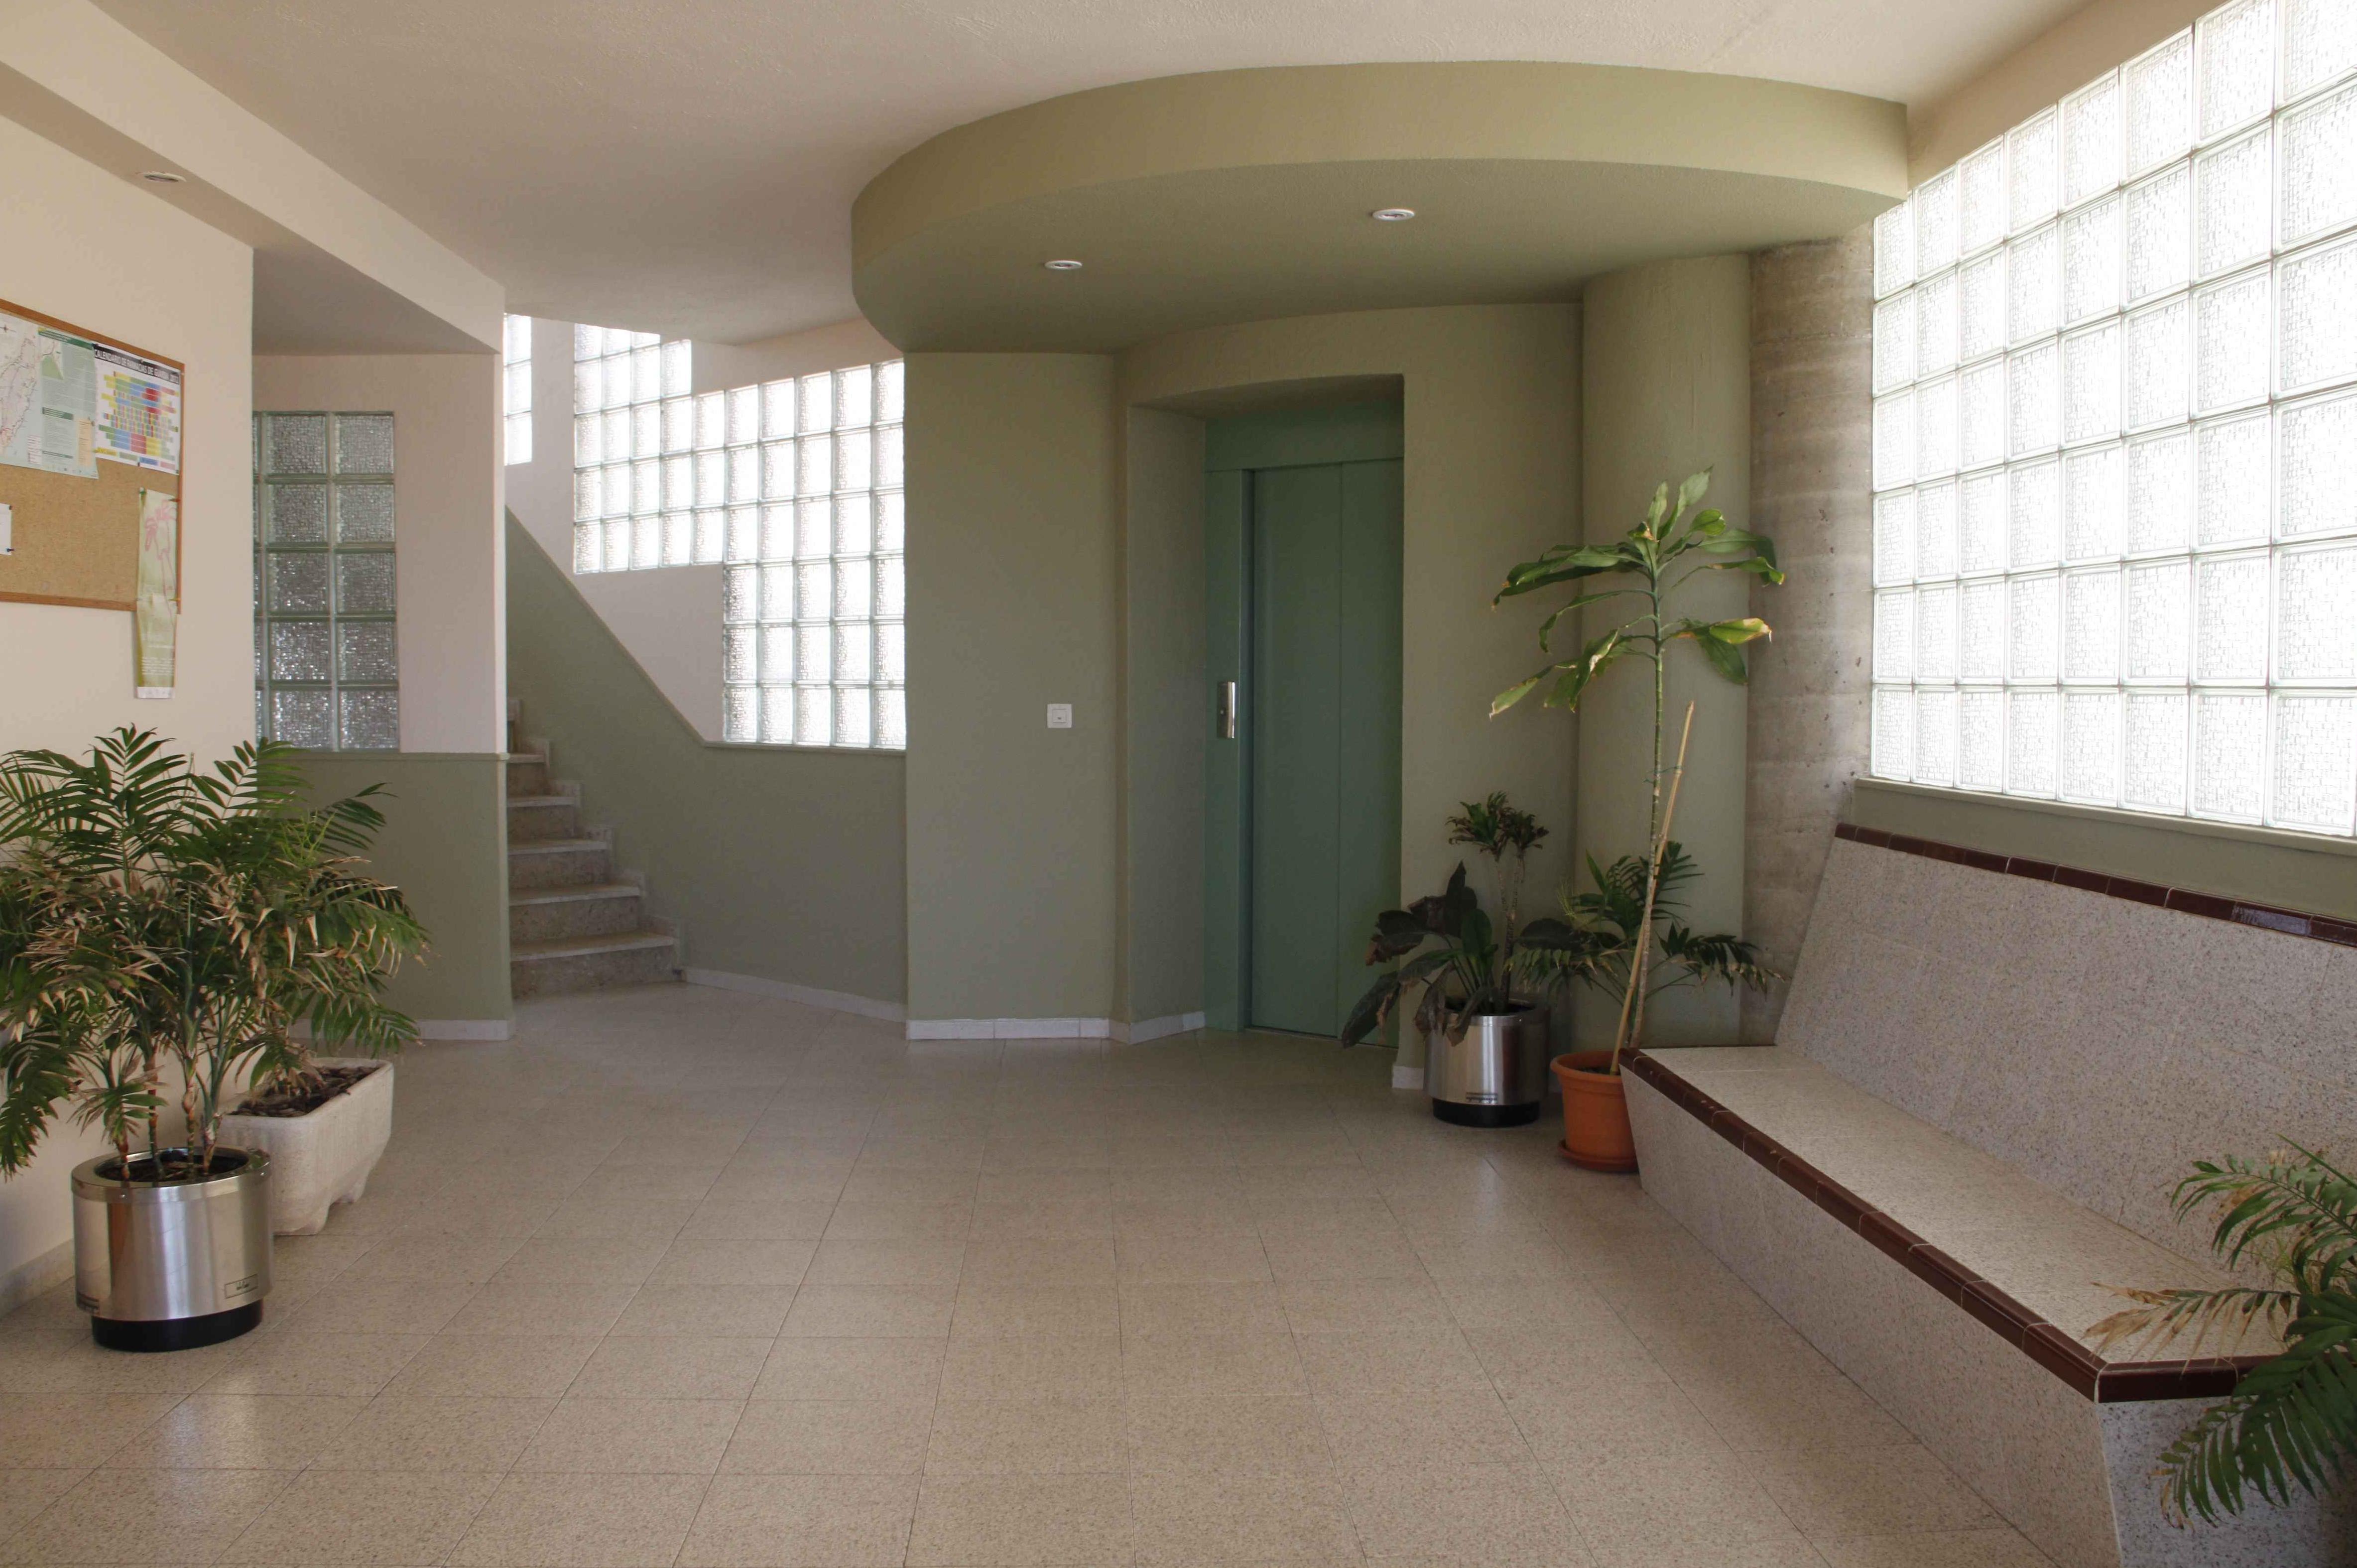 Foto 31 de Apartamentos y casas de alquiler en Peníscola/Peñíscola | Apartamentos Florida II